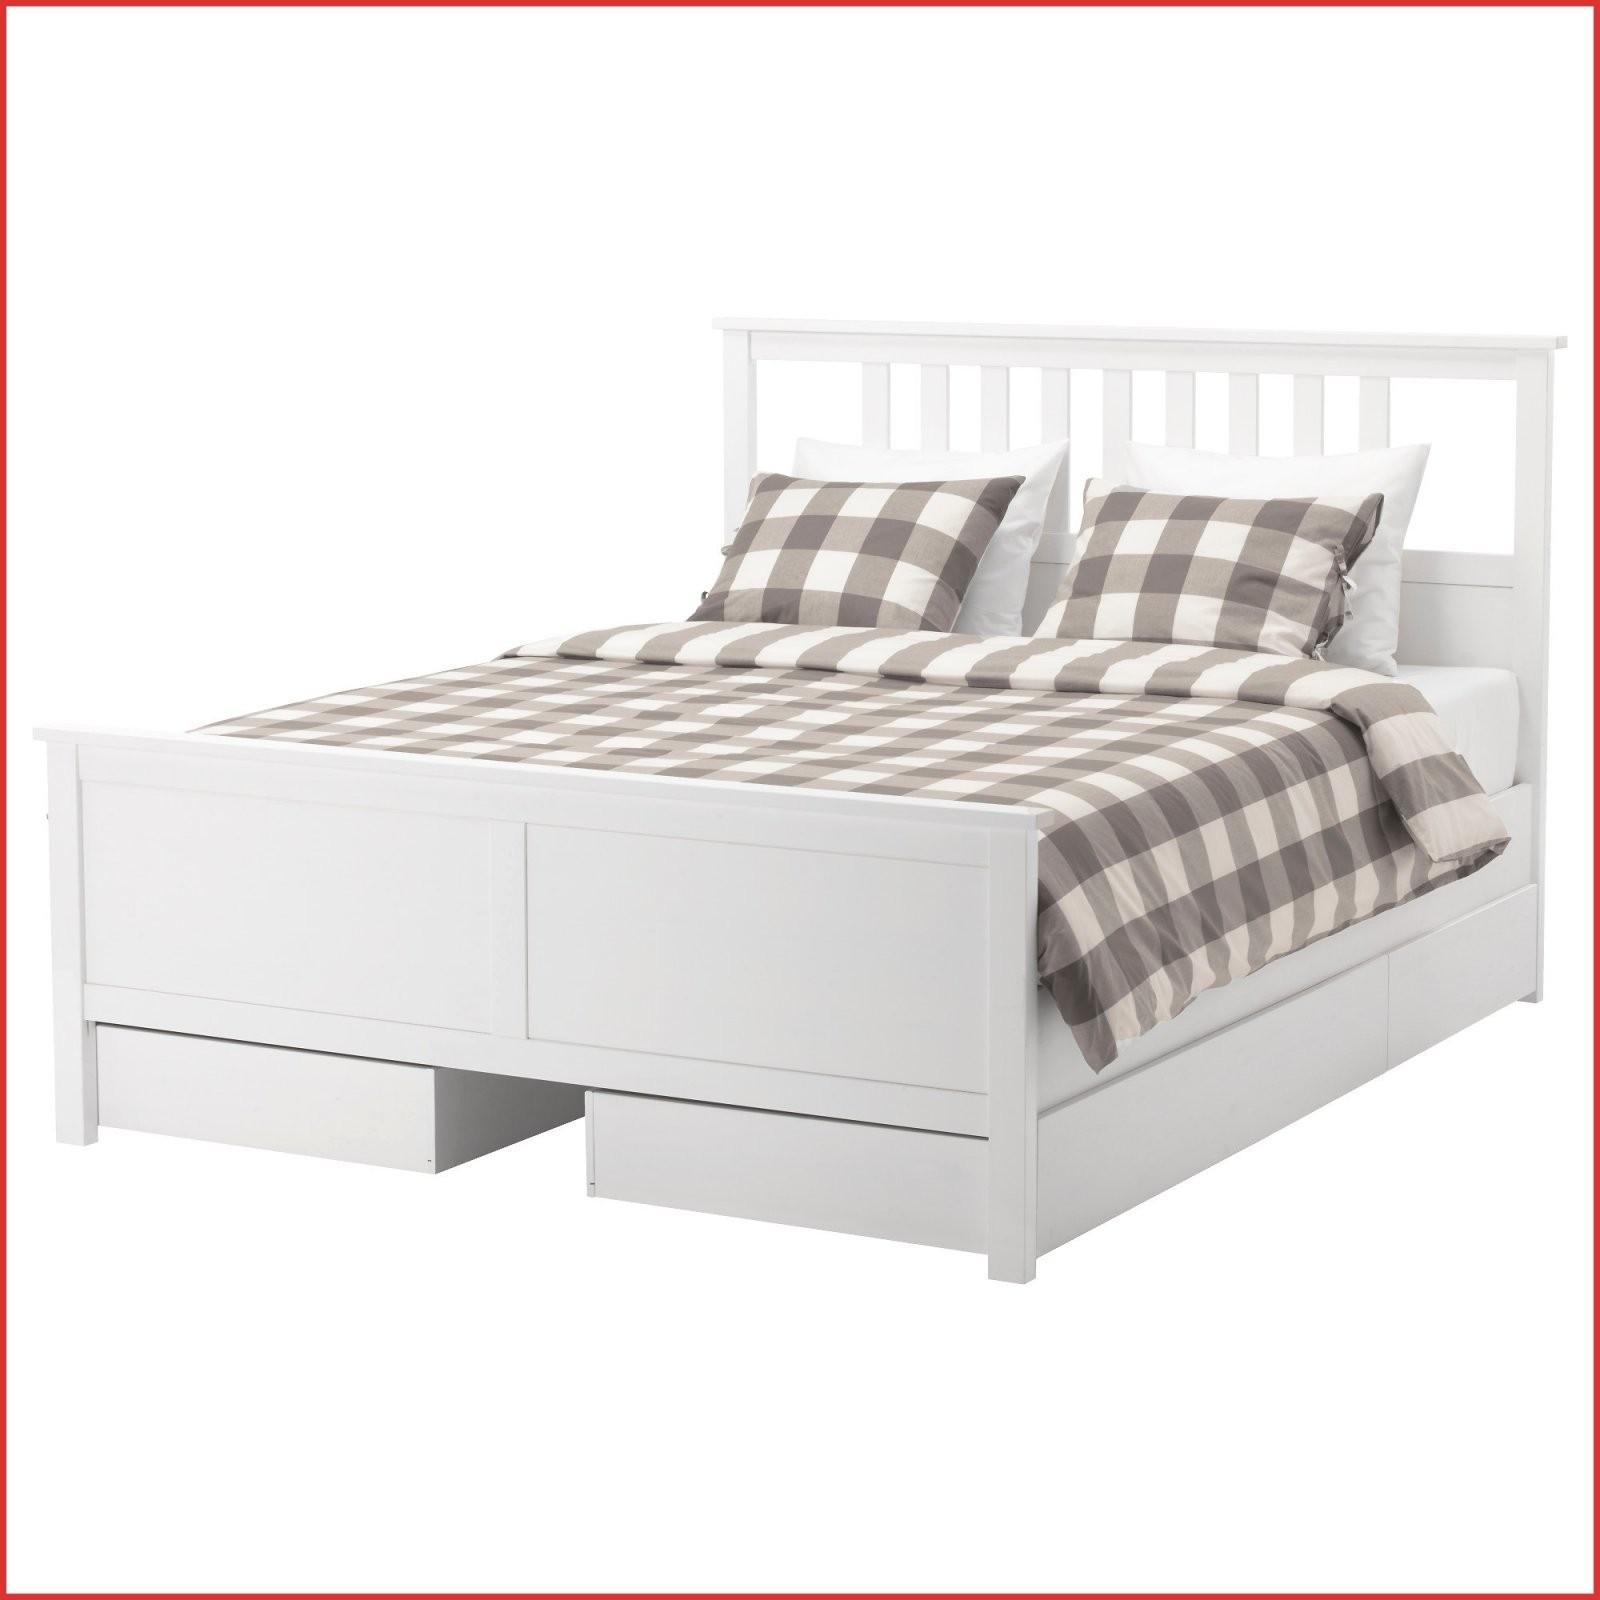 Frisch Himmel Für Bett Bilder Von Bett Dekoratives 268530  Bett Ideen von Himmel Für Bett Ikea Bild